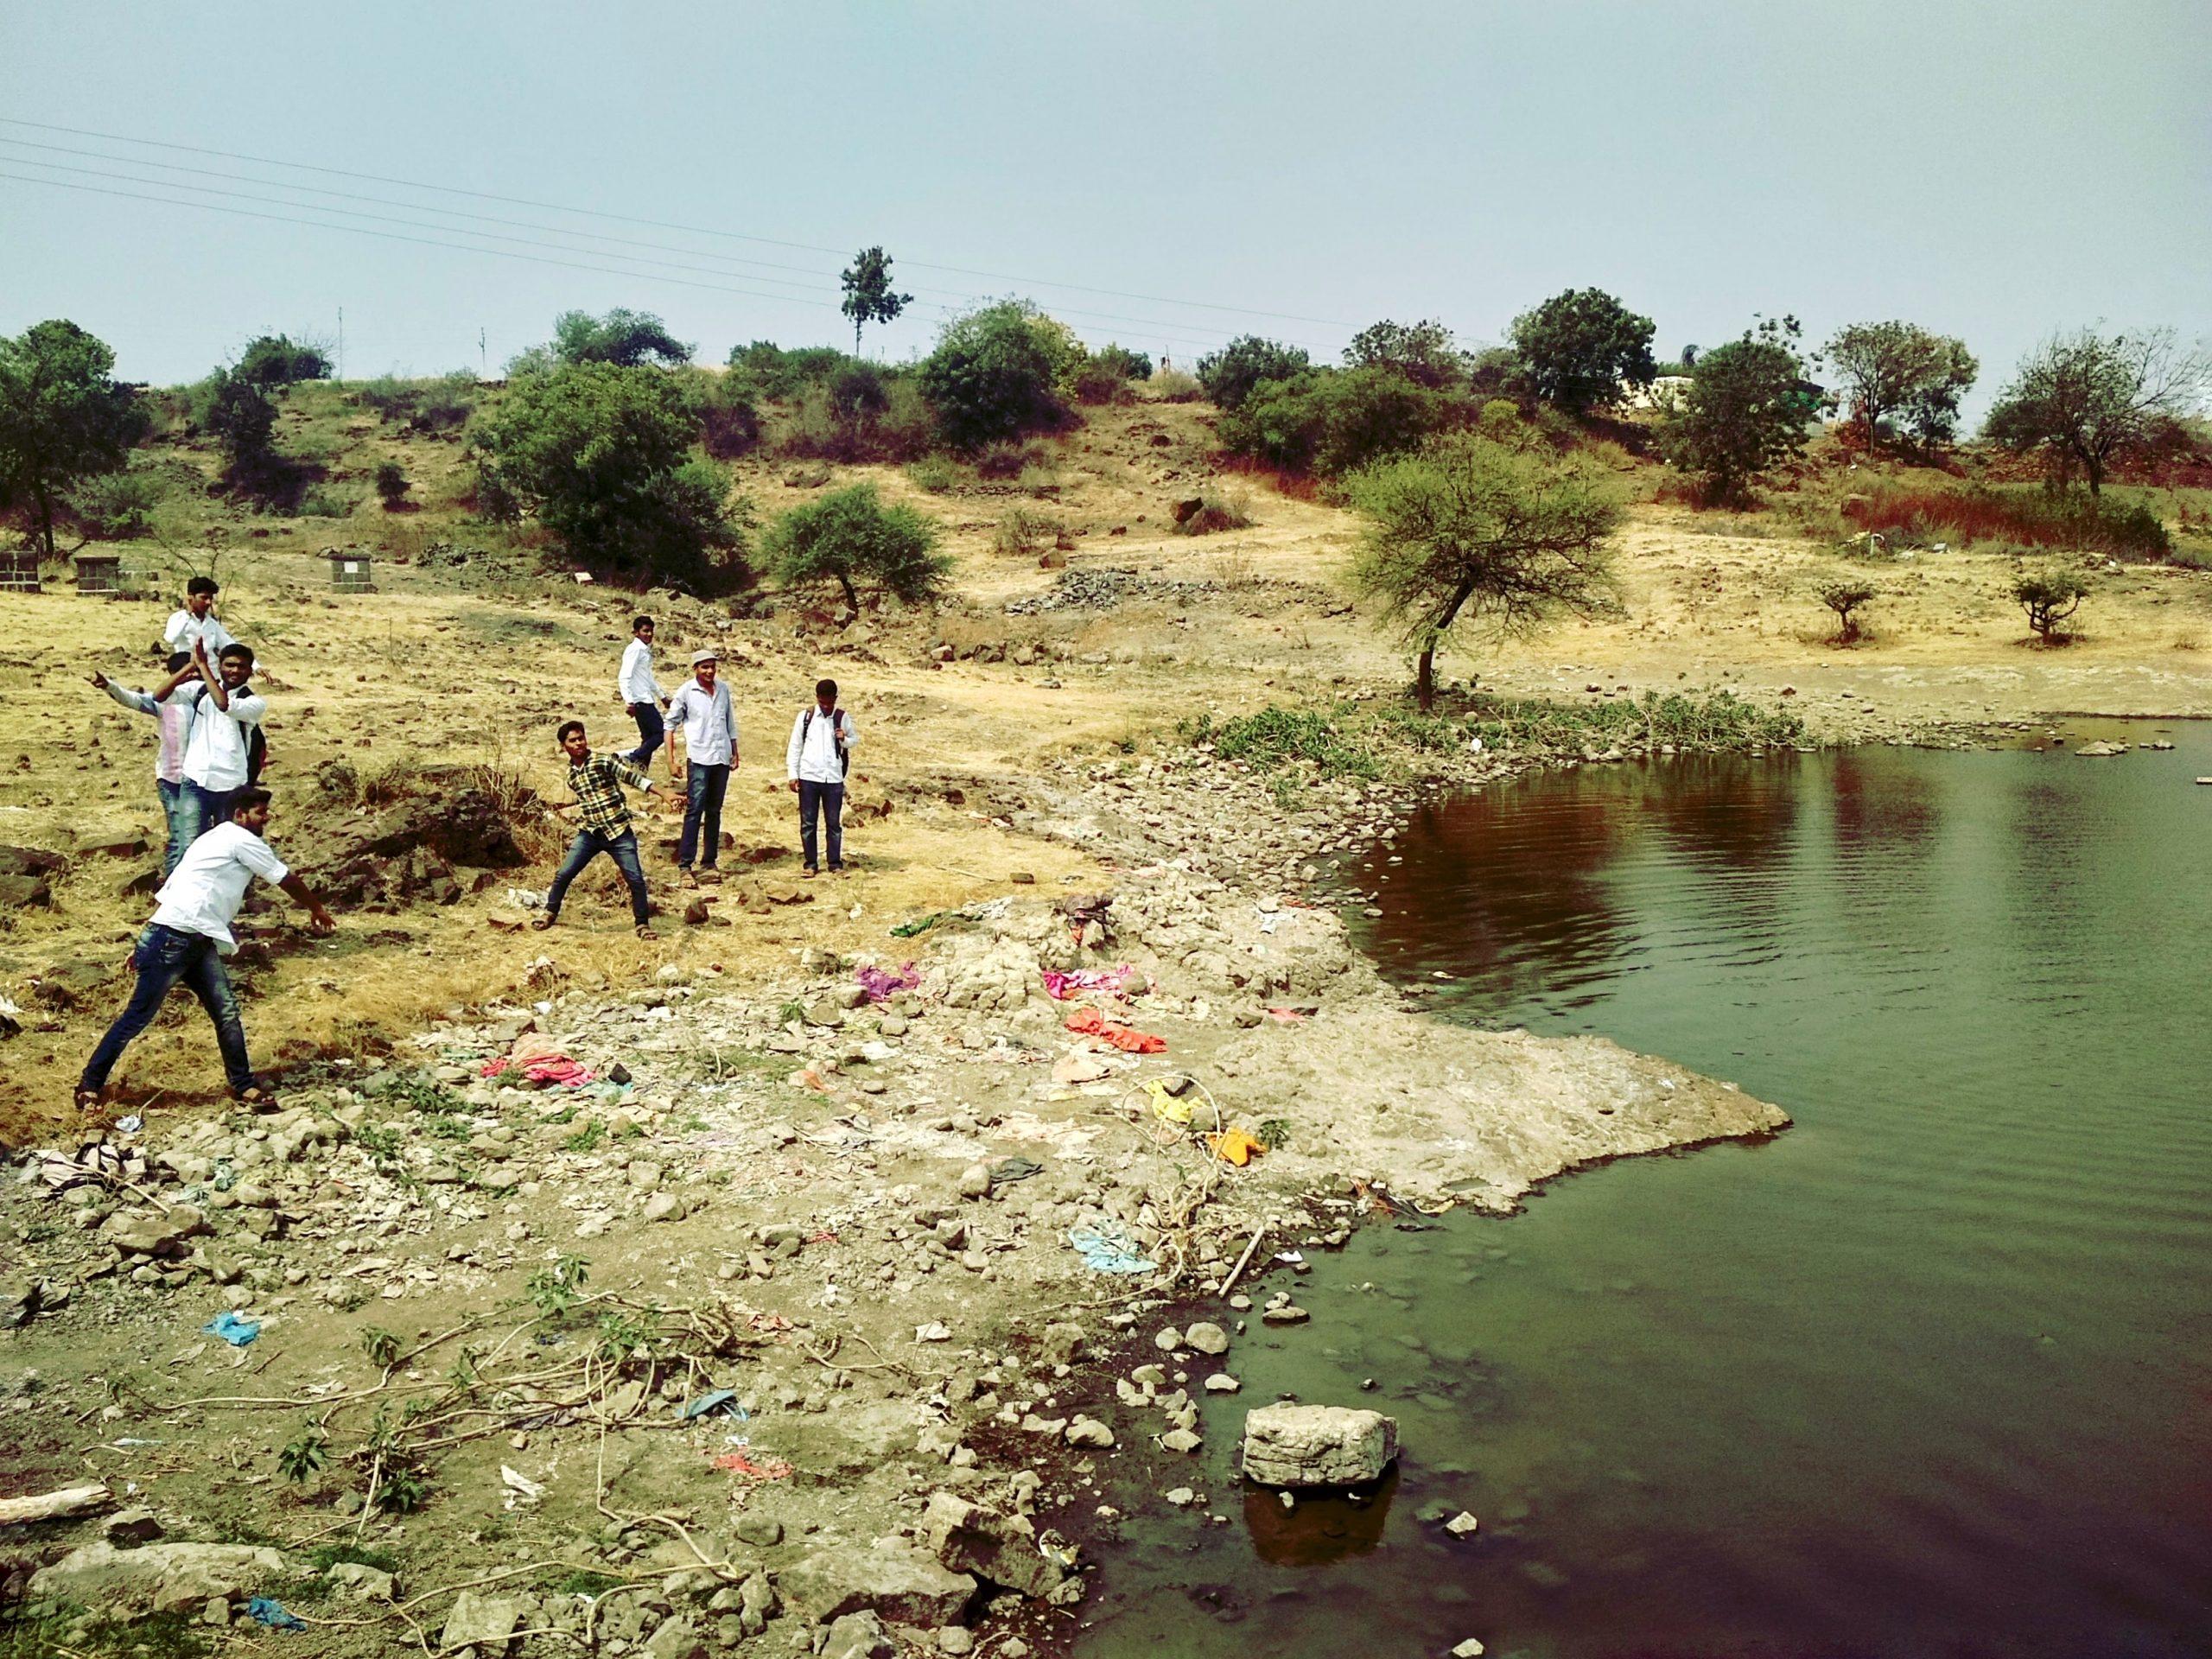 People near a lake